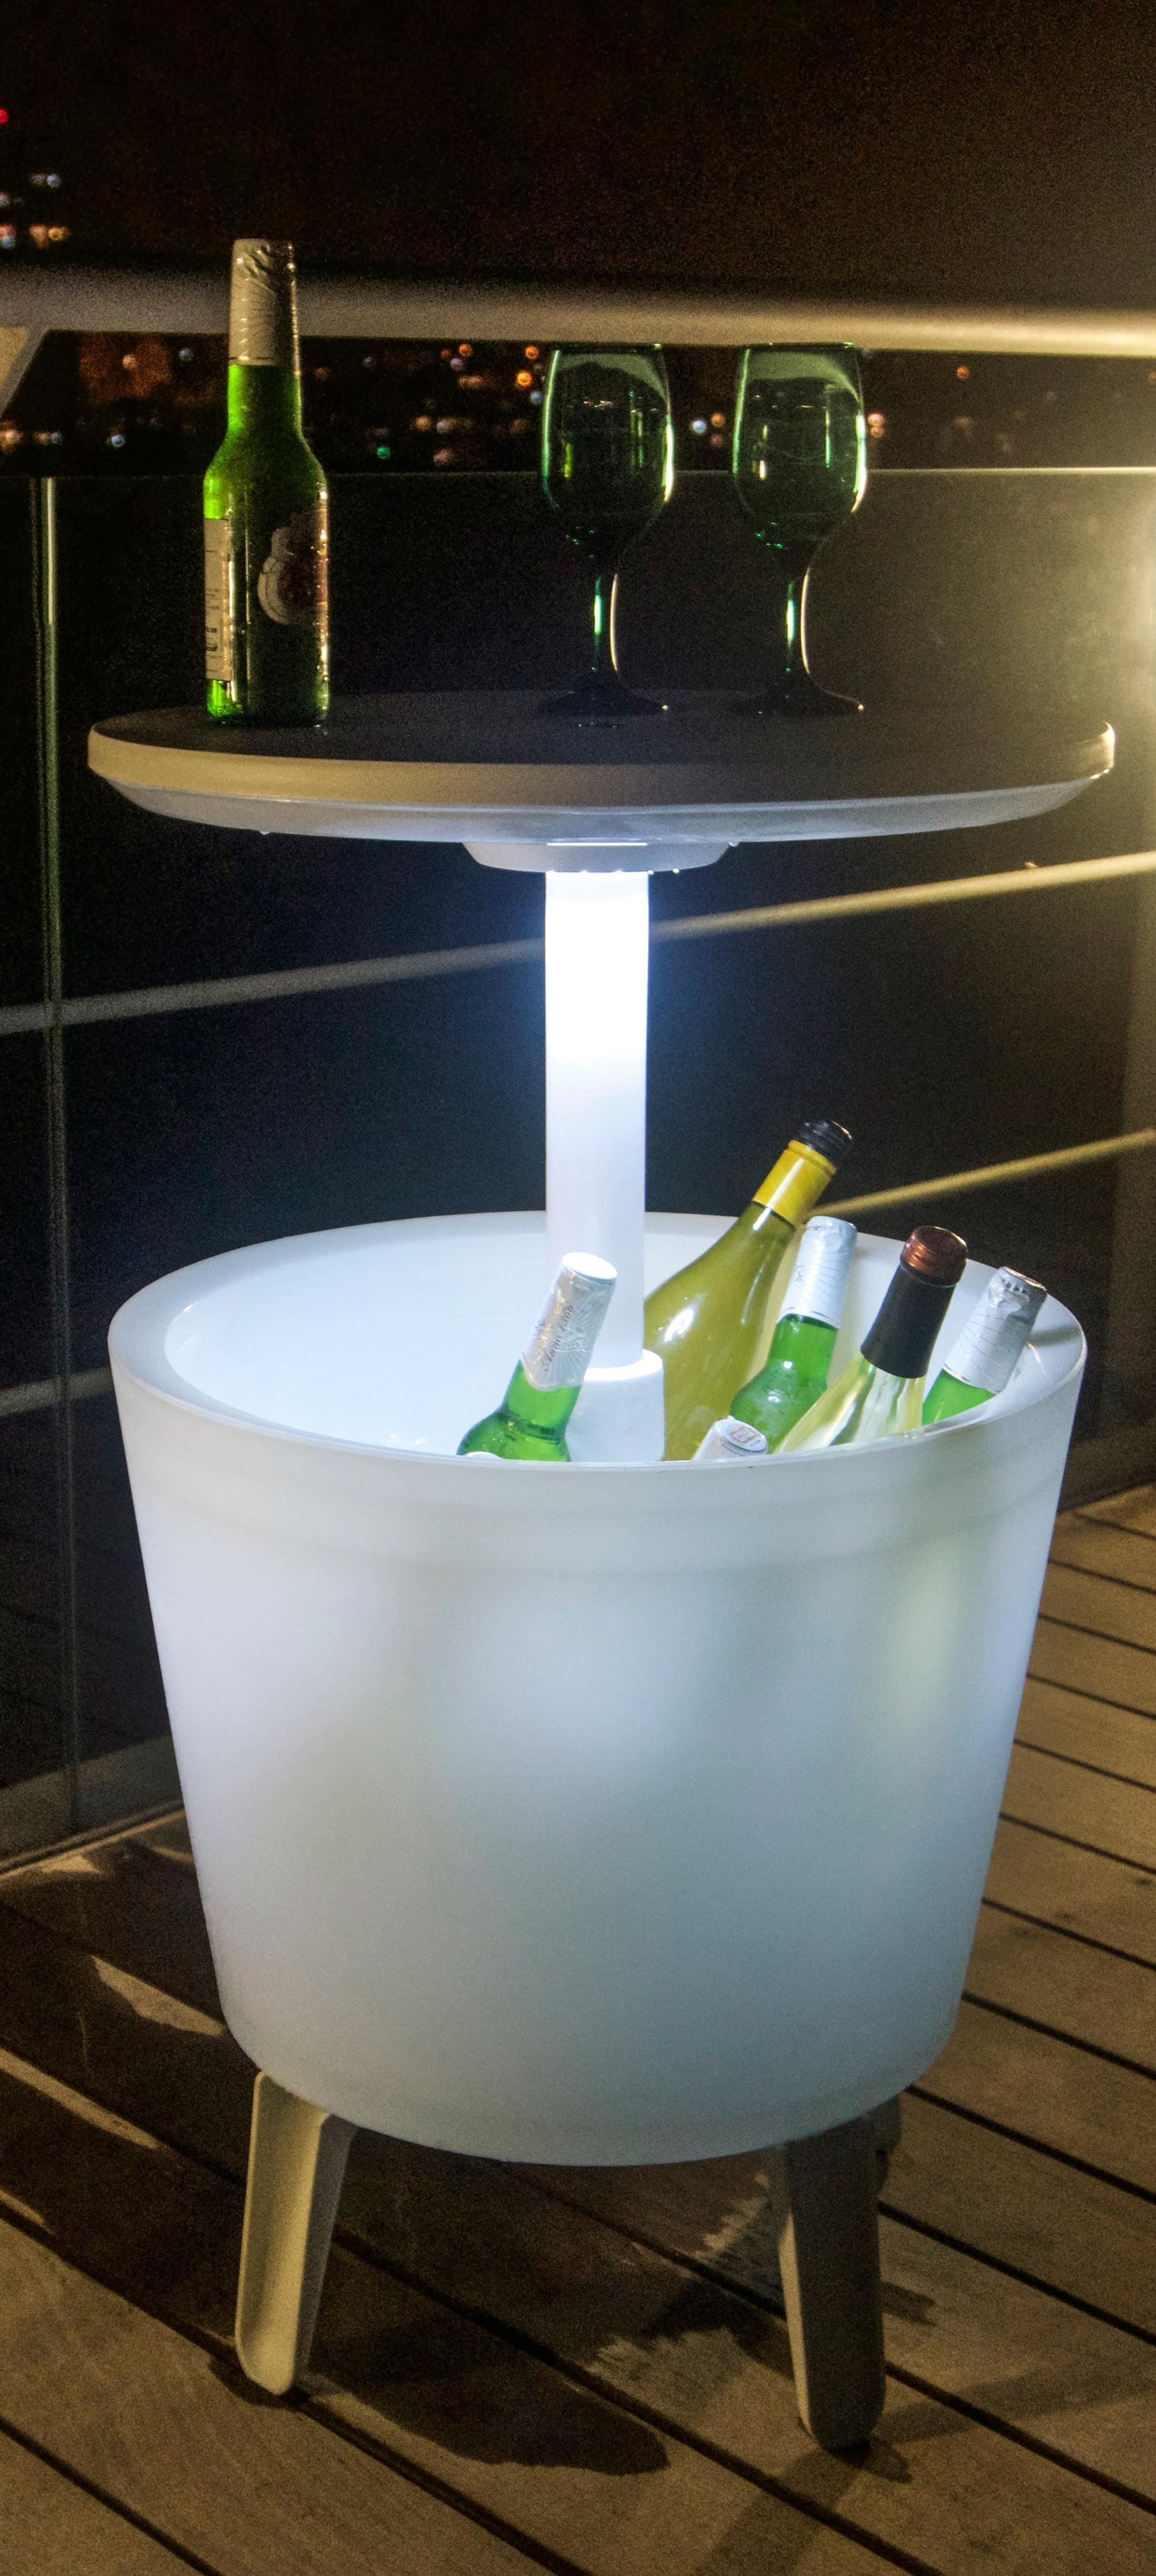 Tepro k hlbox illuminated cool bar beistelltisch for Beistelltisch kunststoff